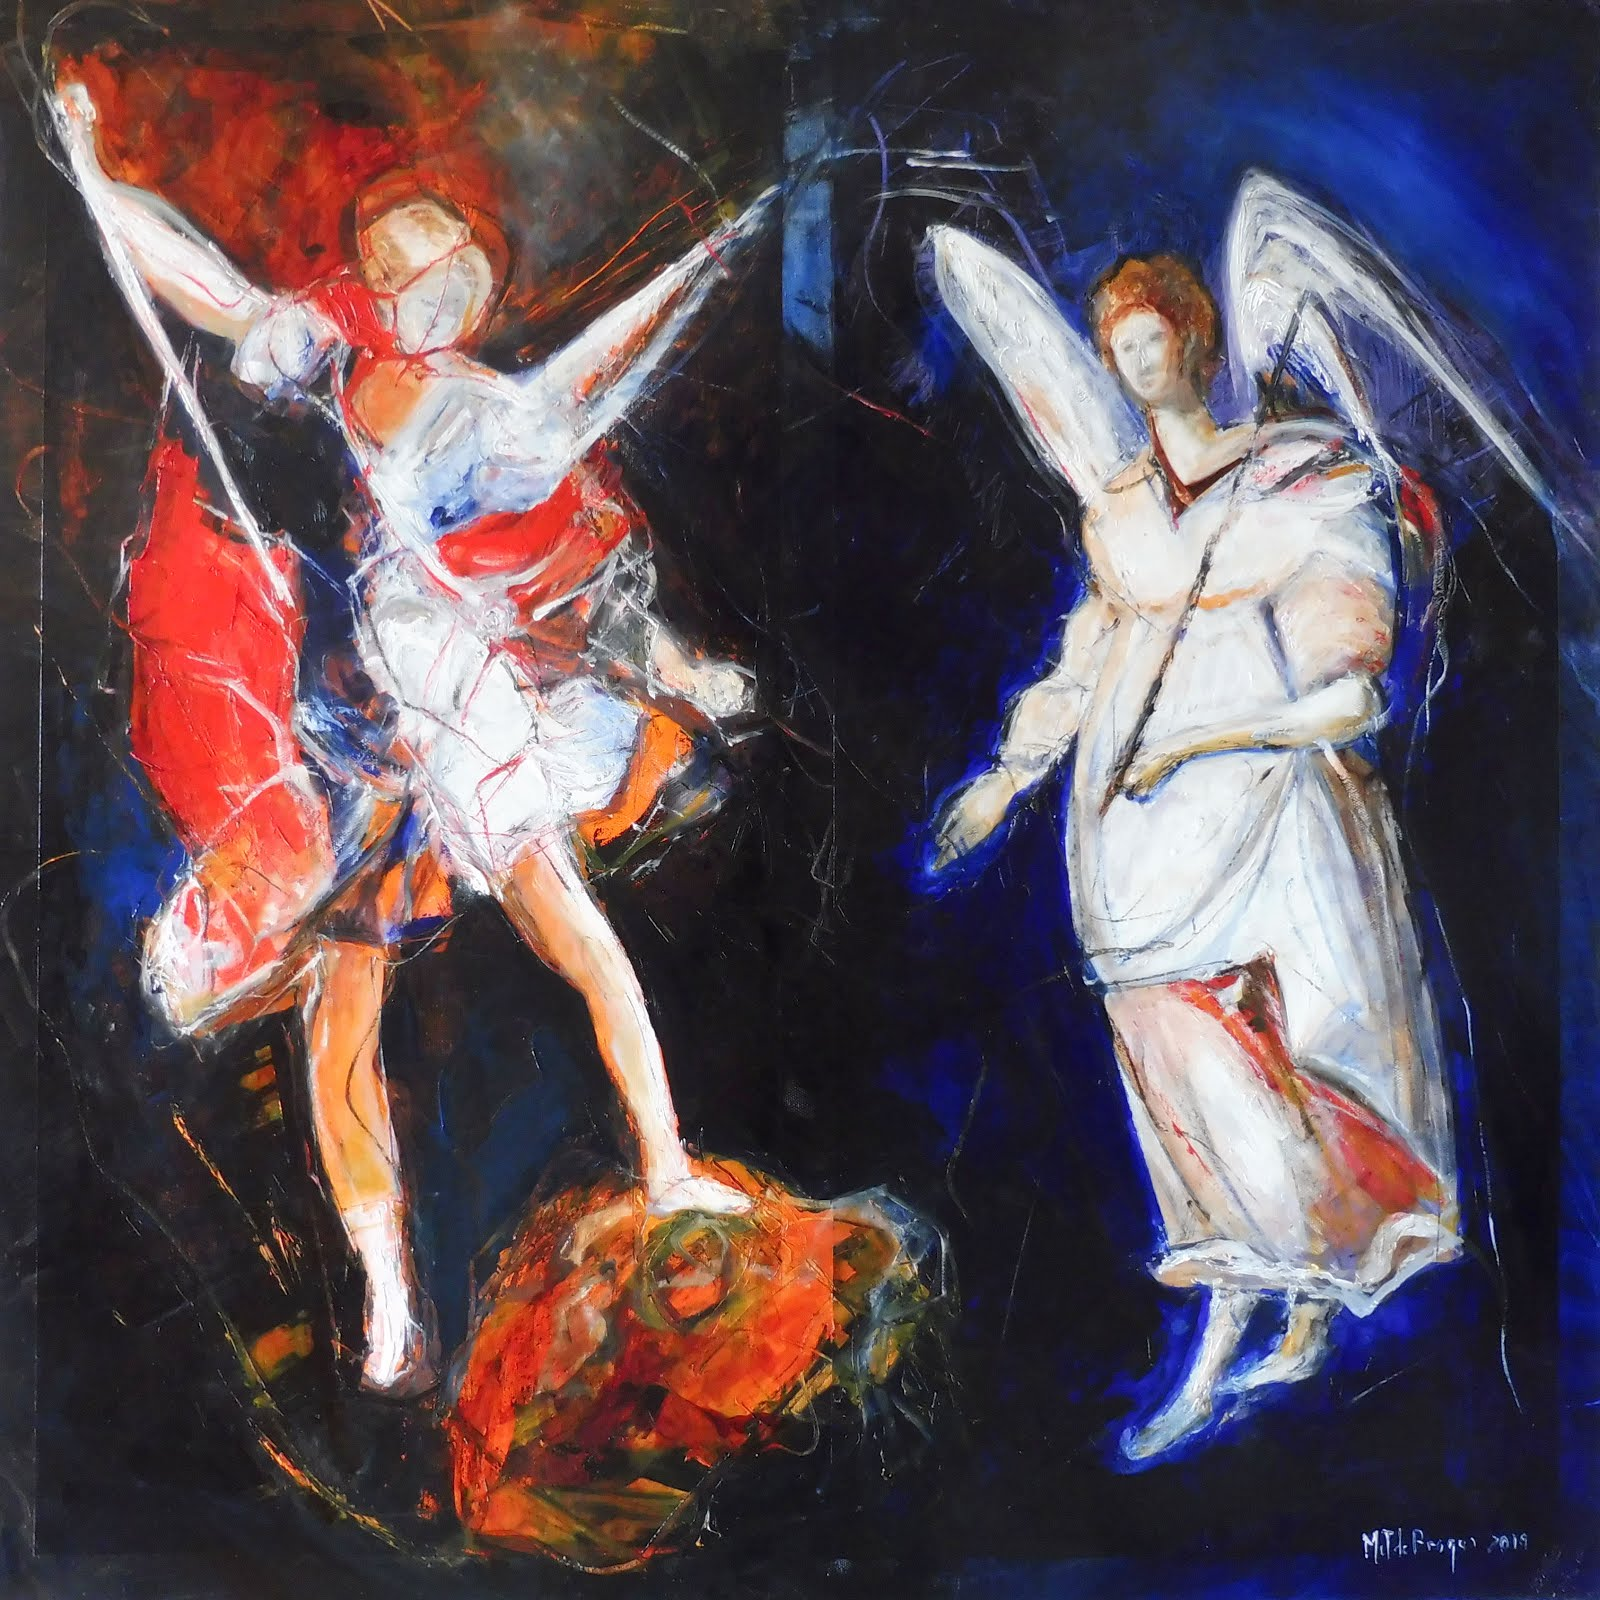 L'Ange Gabriel et l'Ange Michel - 80 x 80 cm - 2019